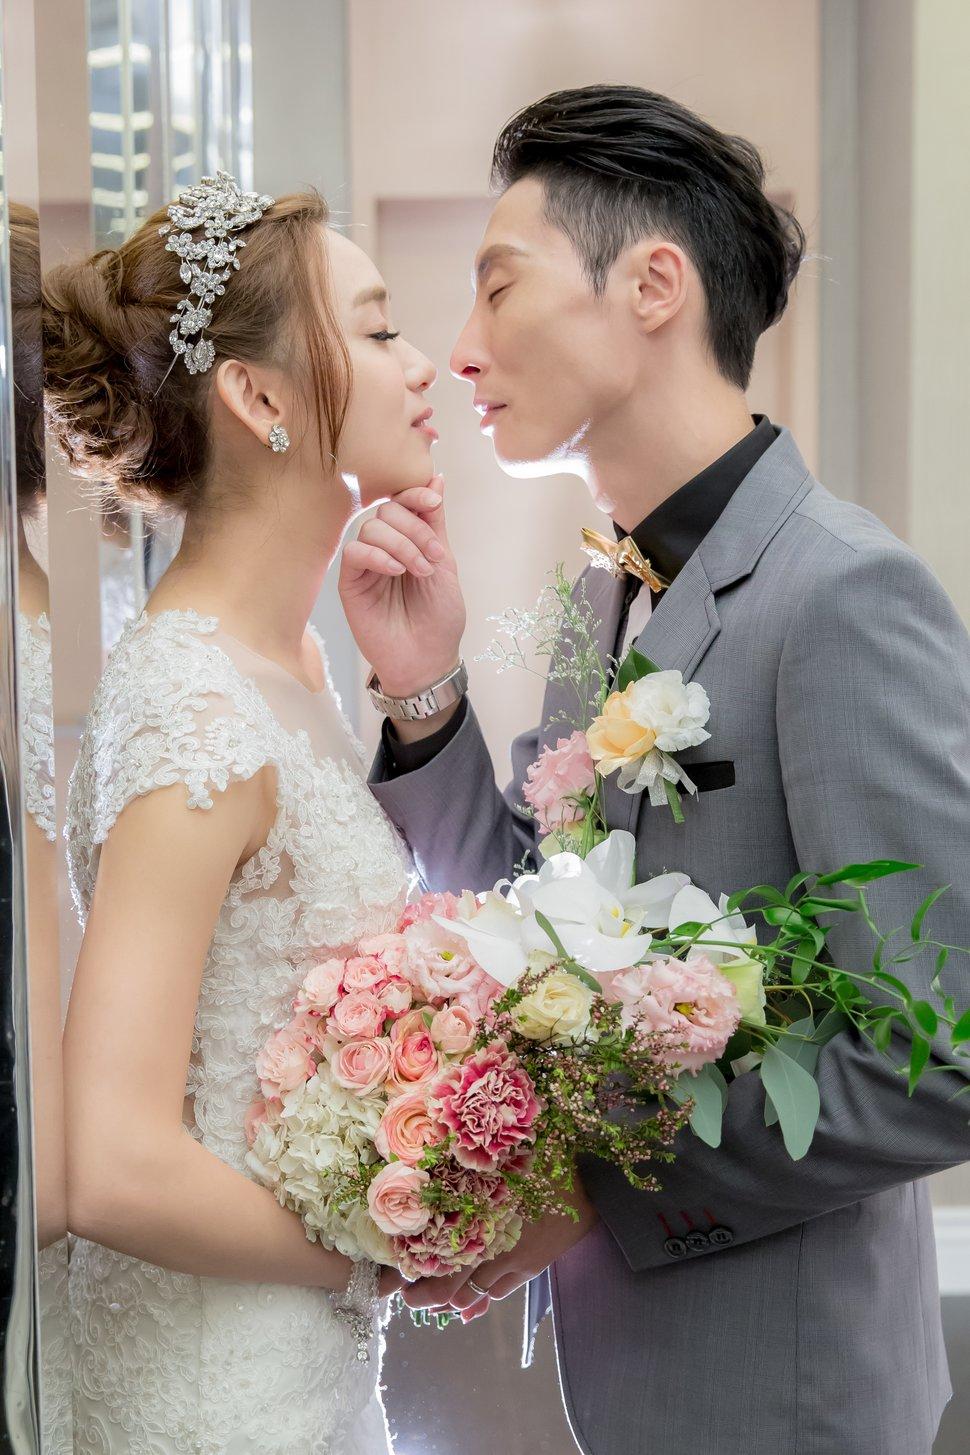 維初&丹琪~~彭園會館~~(編號:471415) - 愛回憶影像製作團隊 - 結婚吧